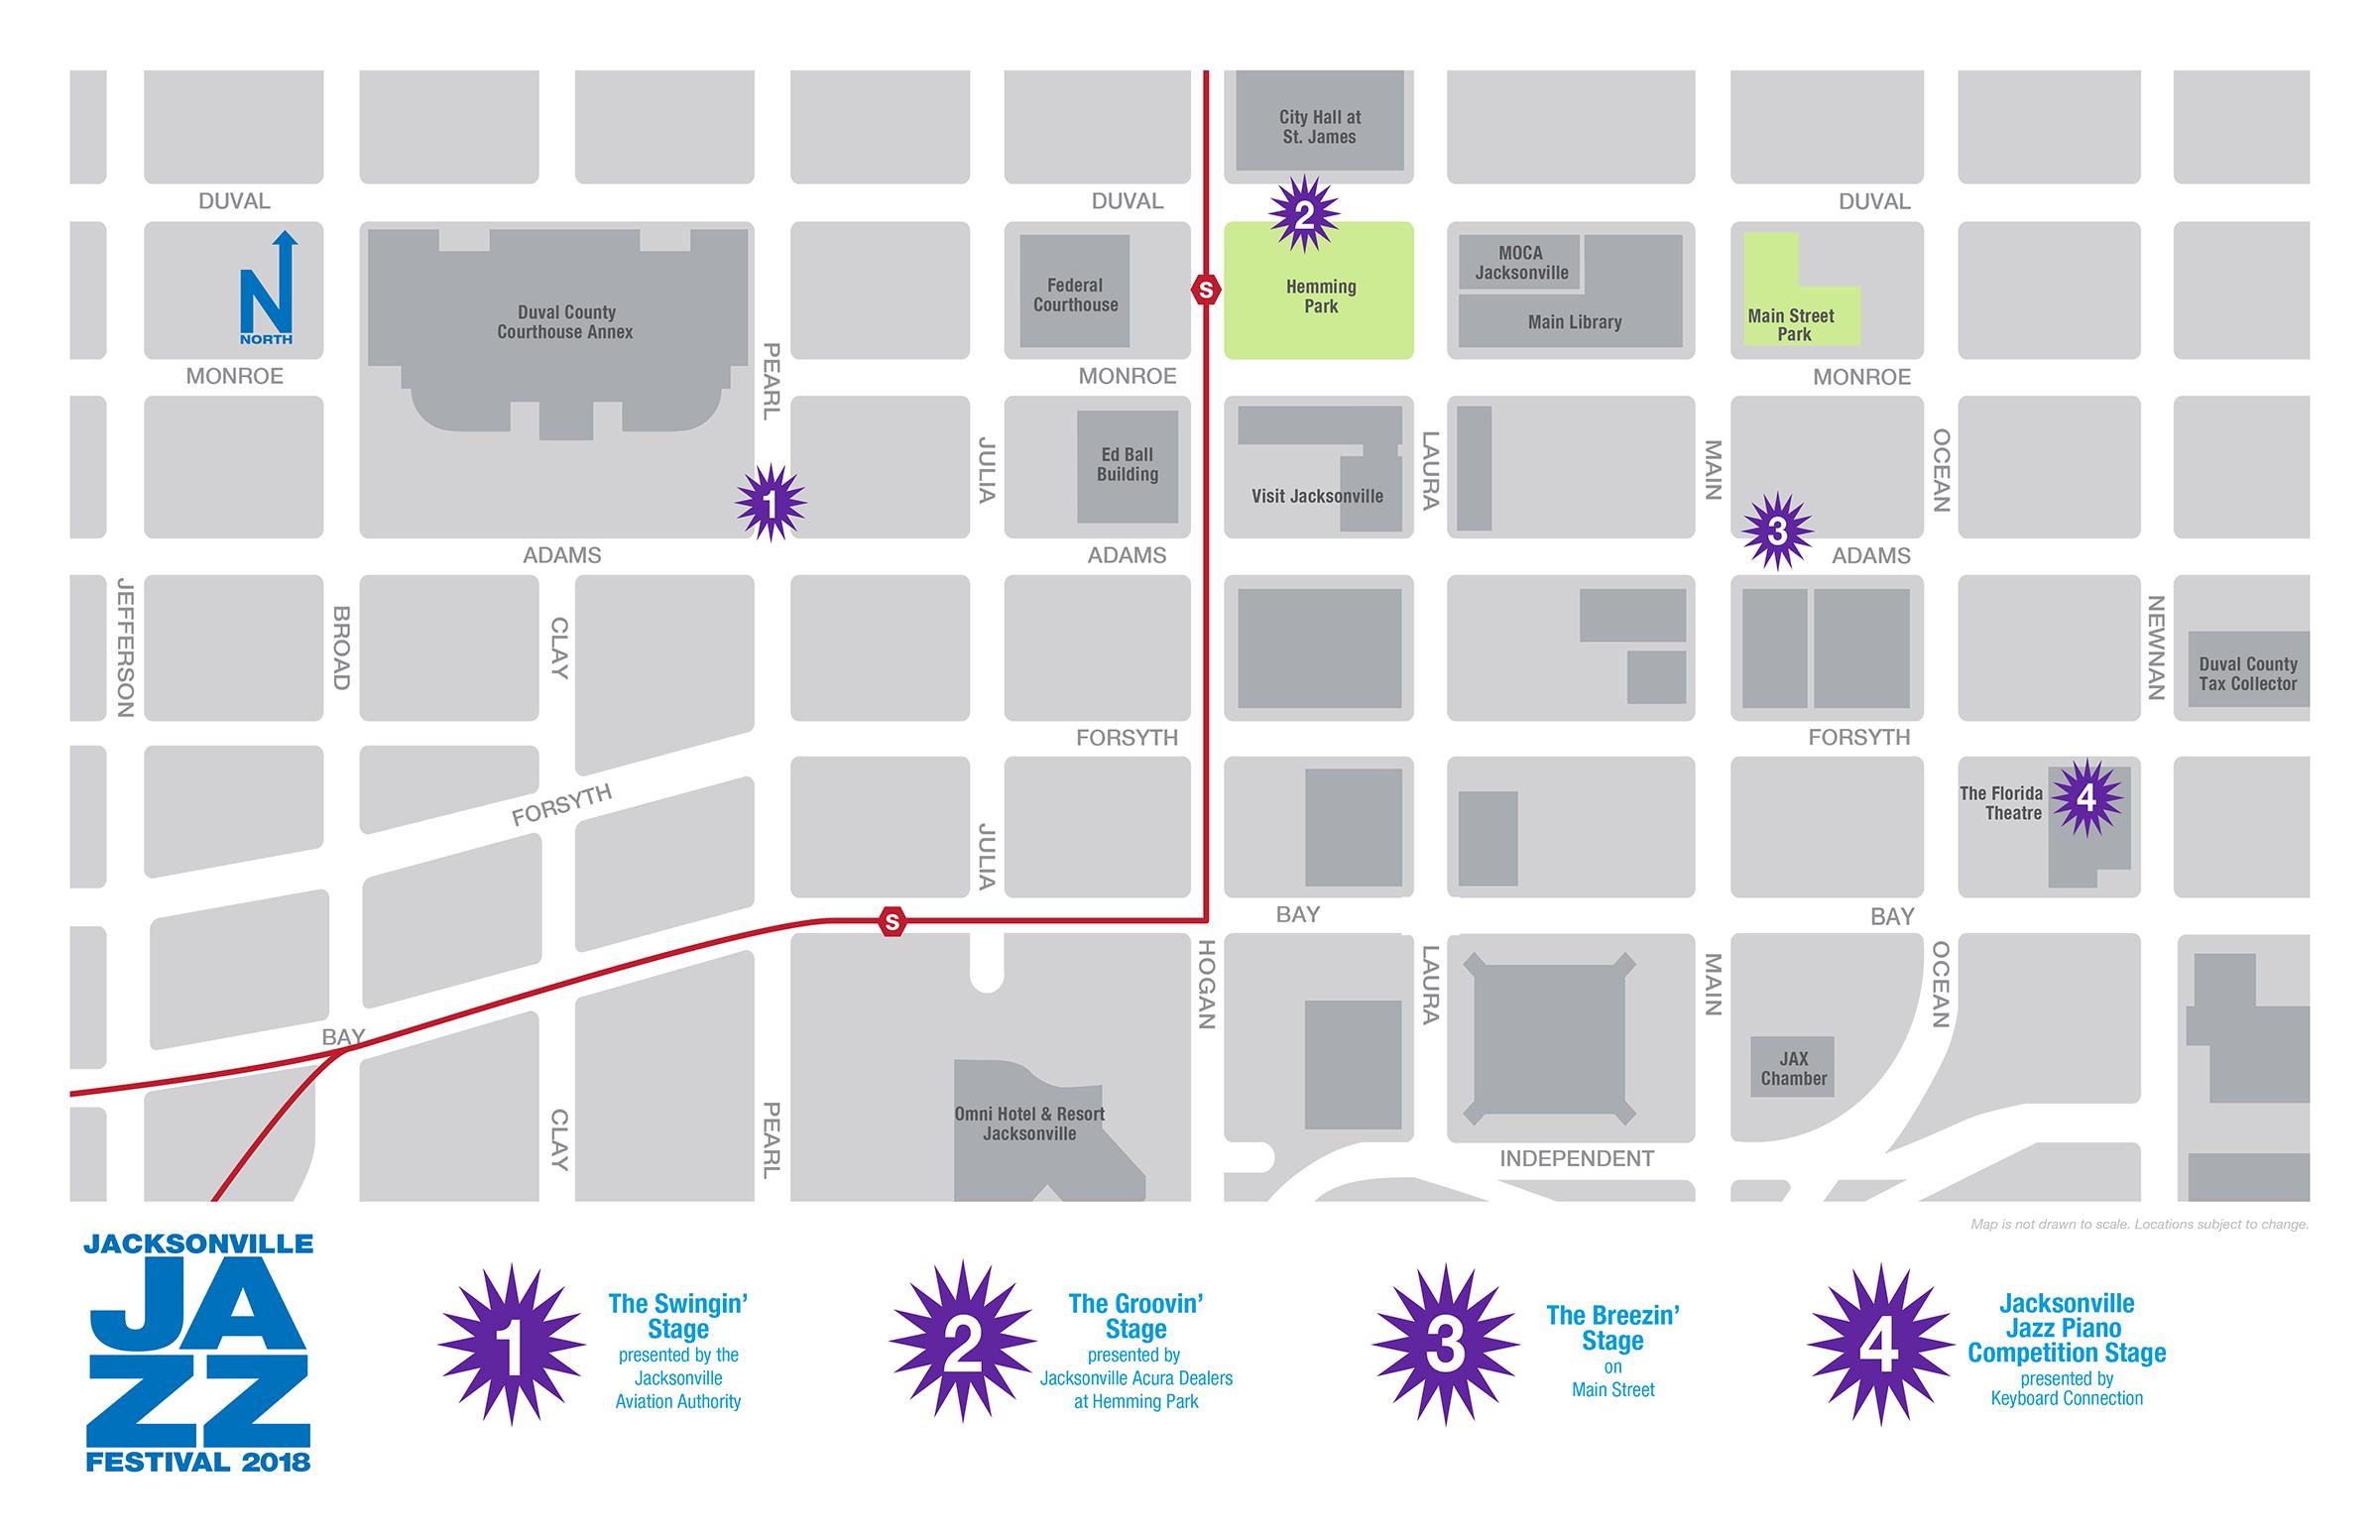 Jacksonville Jazz Festival 2018 Map